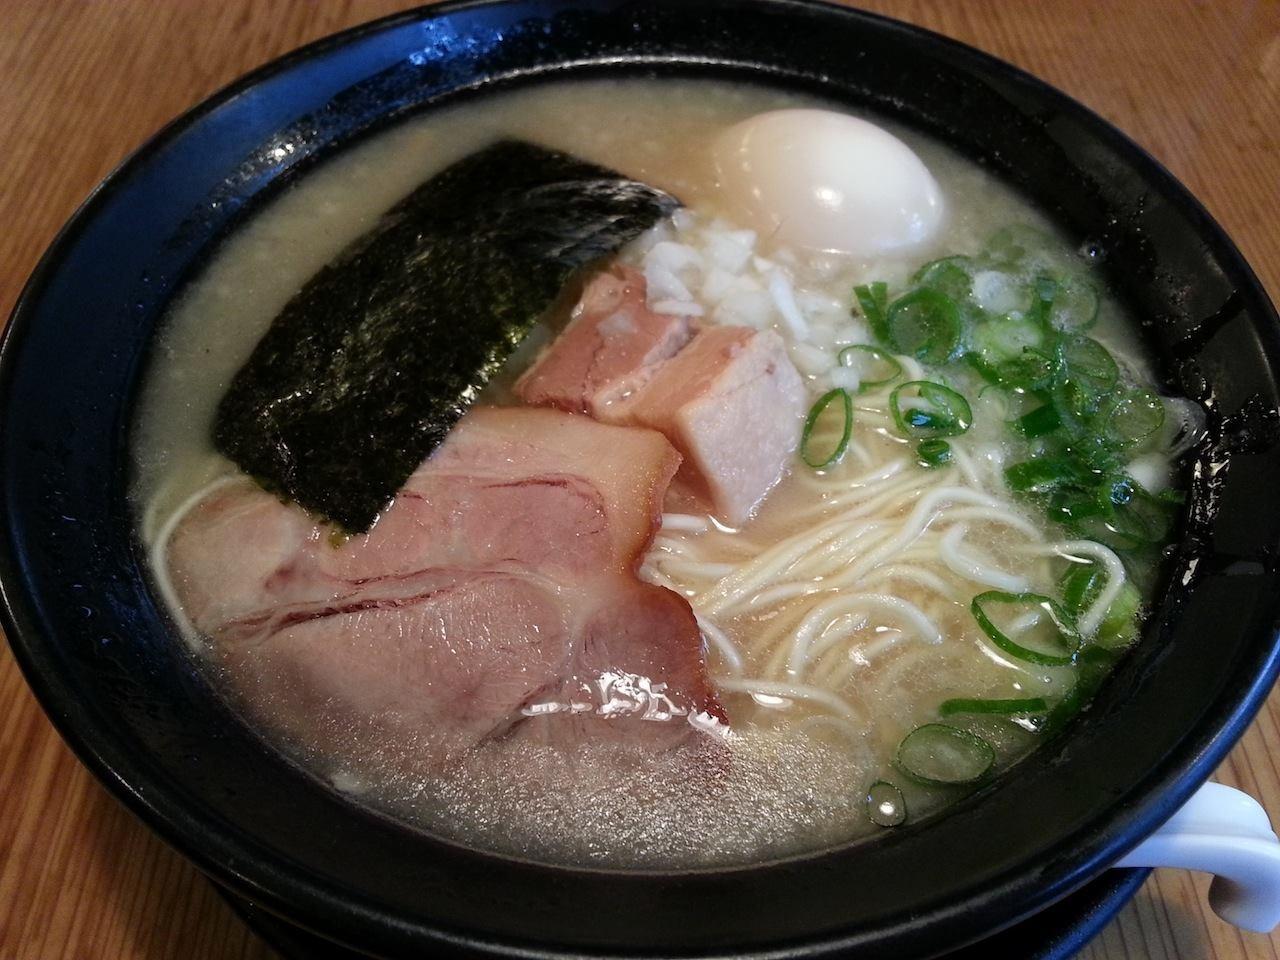 一週間ぶりのラーメンは、九州ツアーちうにも食べんとかった、九州とんこつラーメンたい! どけんもこげんもなかとぉ。しぇからしかぁ! 【2014年9月24日】